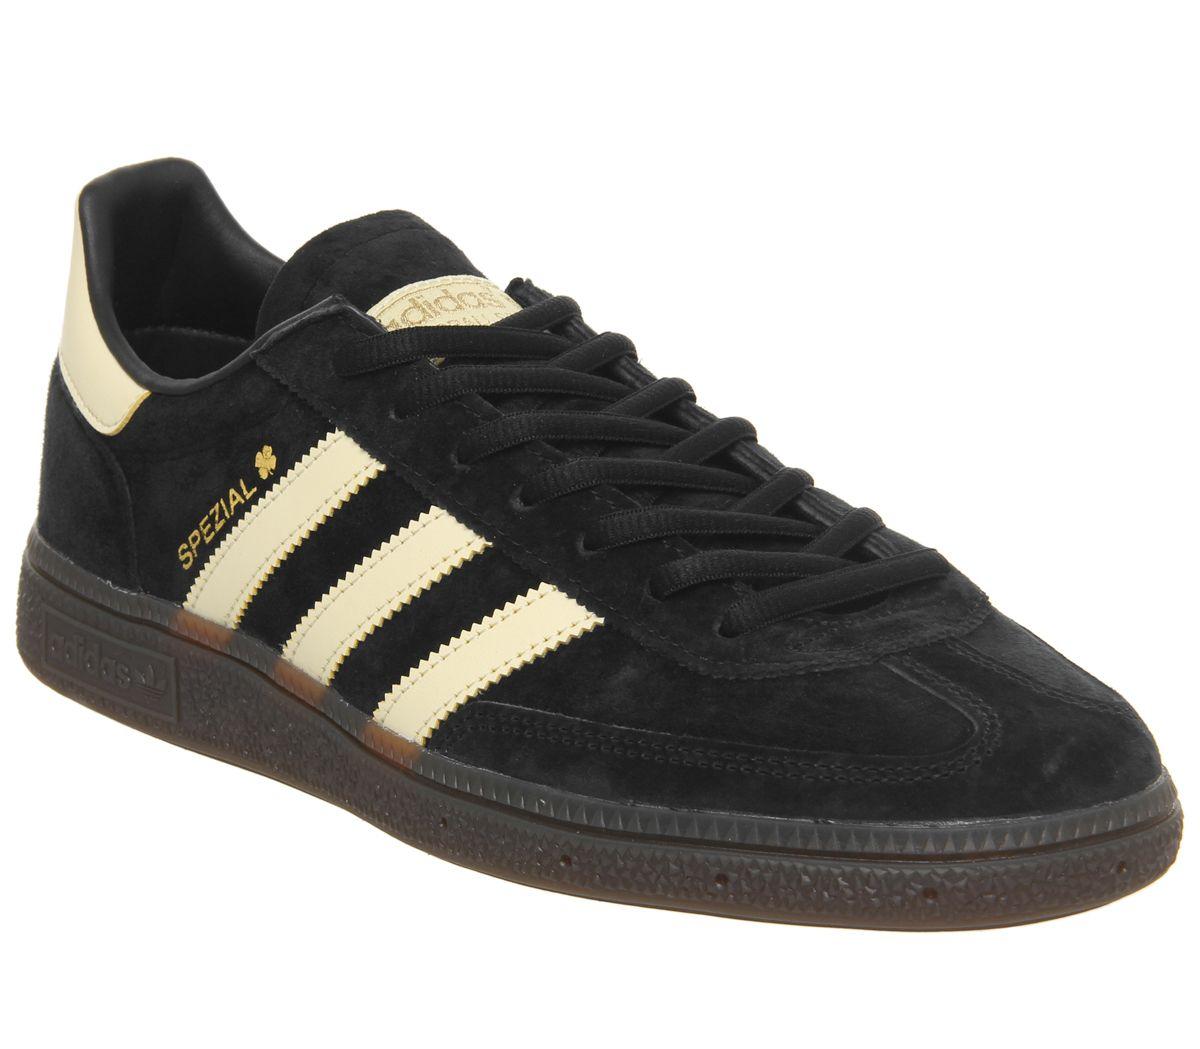 5289d23135e84 SENTINELLE Adidas Handball Spezial Trainers Core Chaussures de formateurs  en gomme jaune facile noire